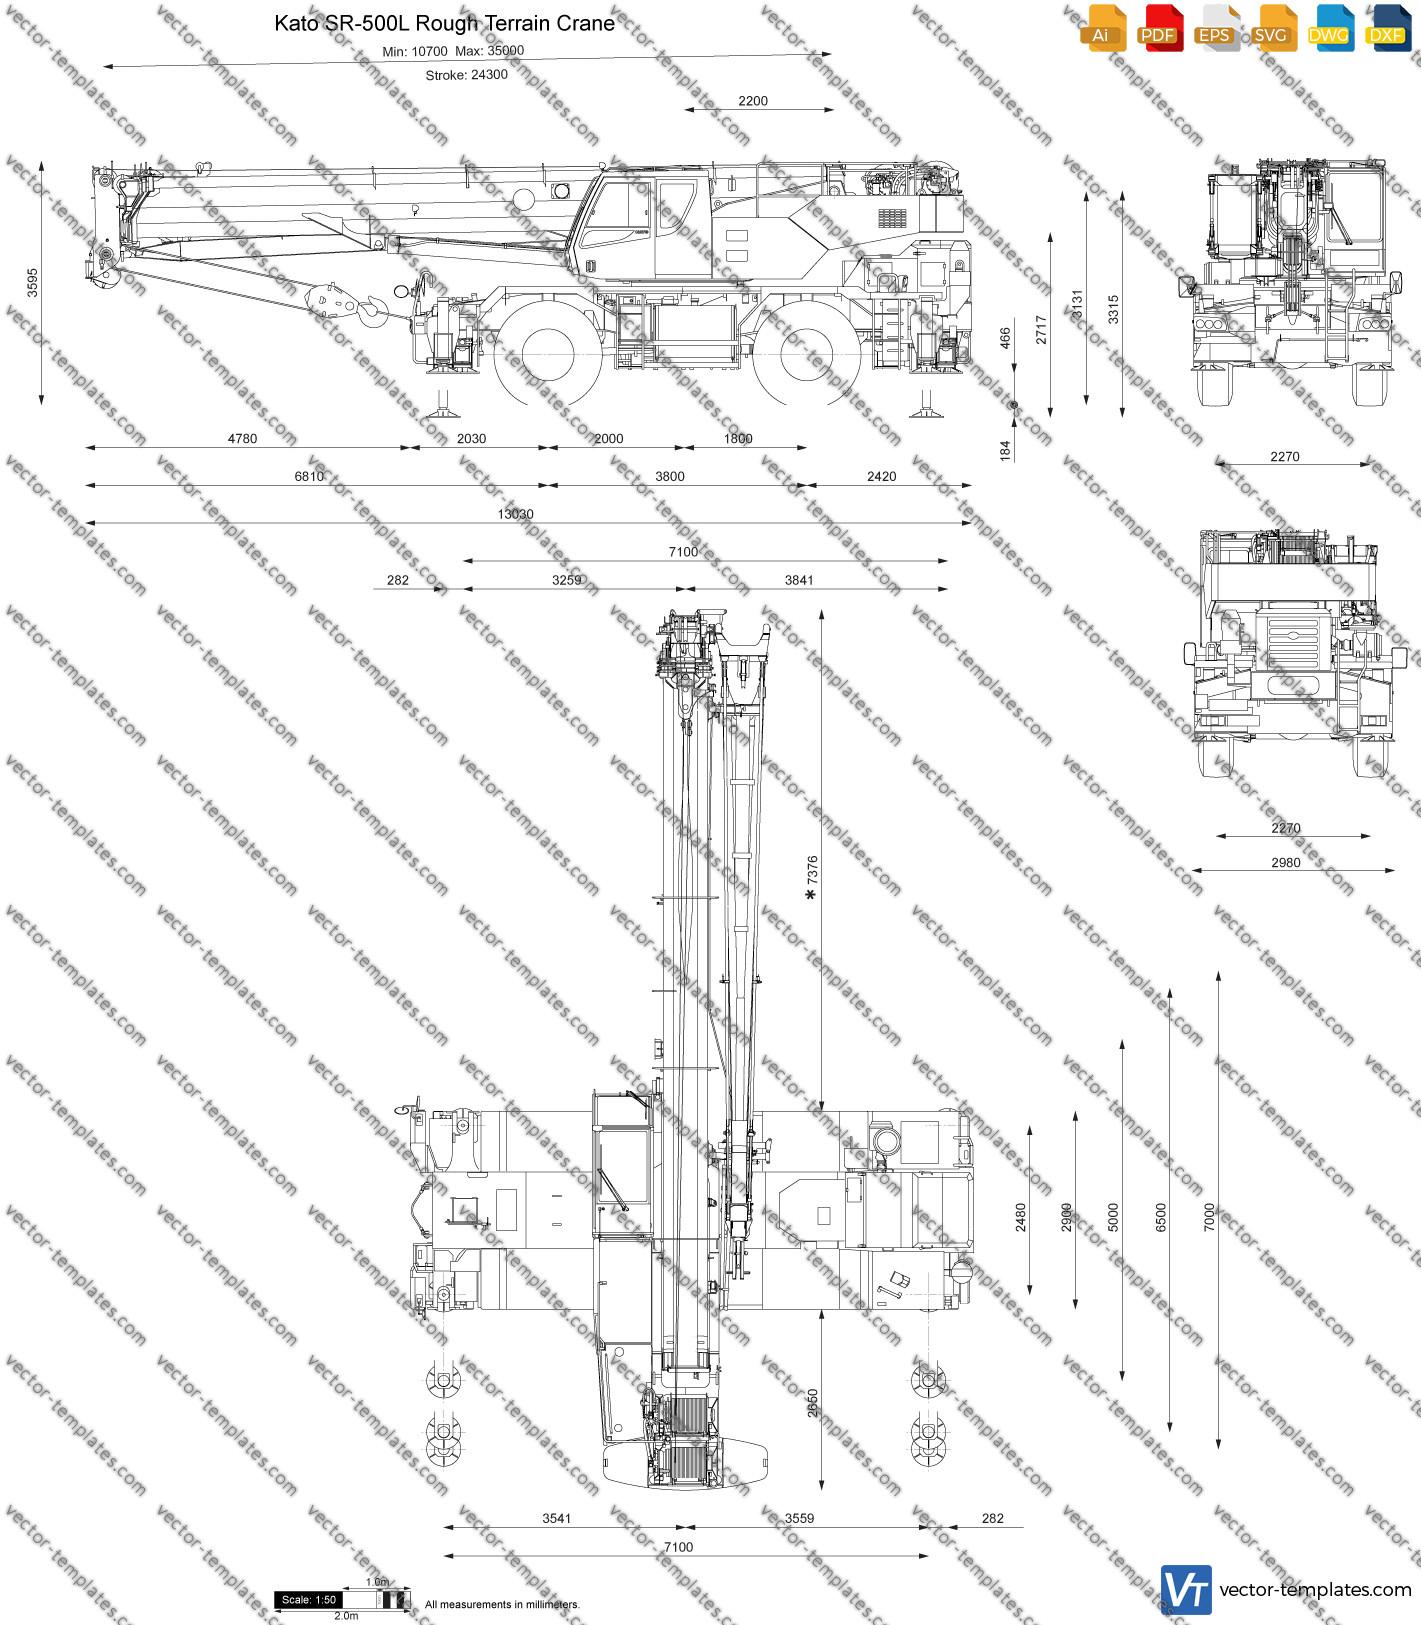 Kato SR-500L Rough Terrain Crane